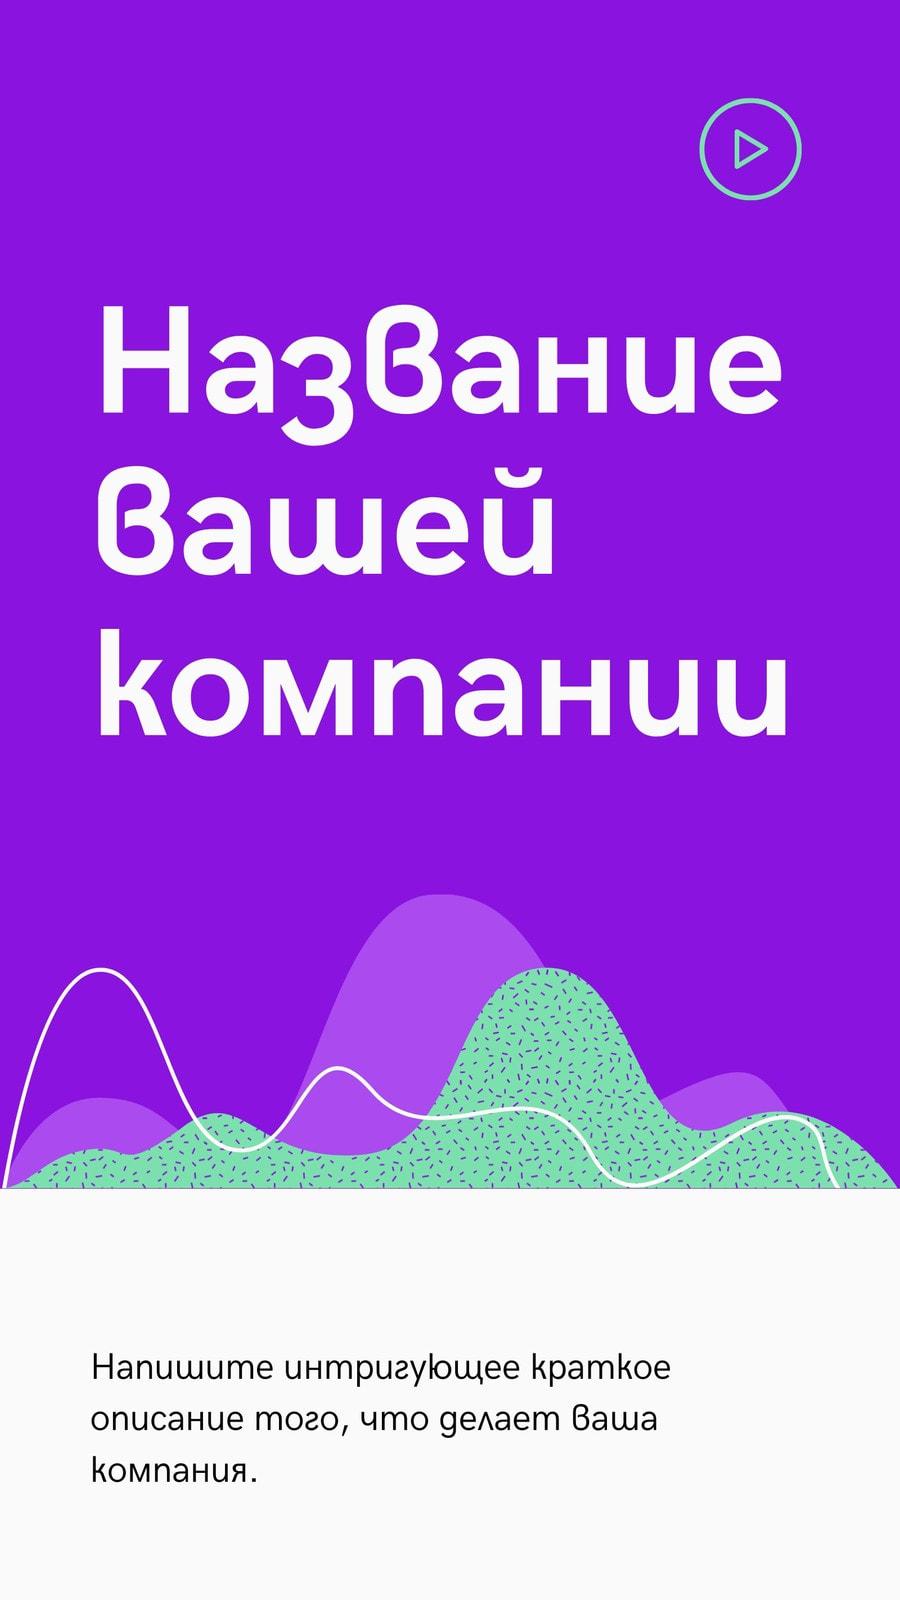 Фиолетовый и Аквамариновый Технология Презентация для Мобильных Устройств